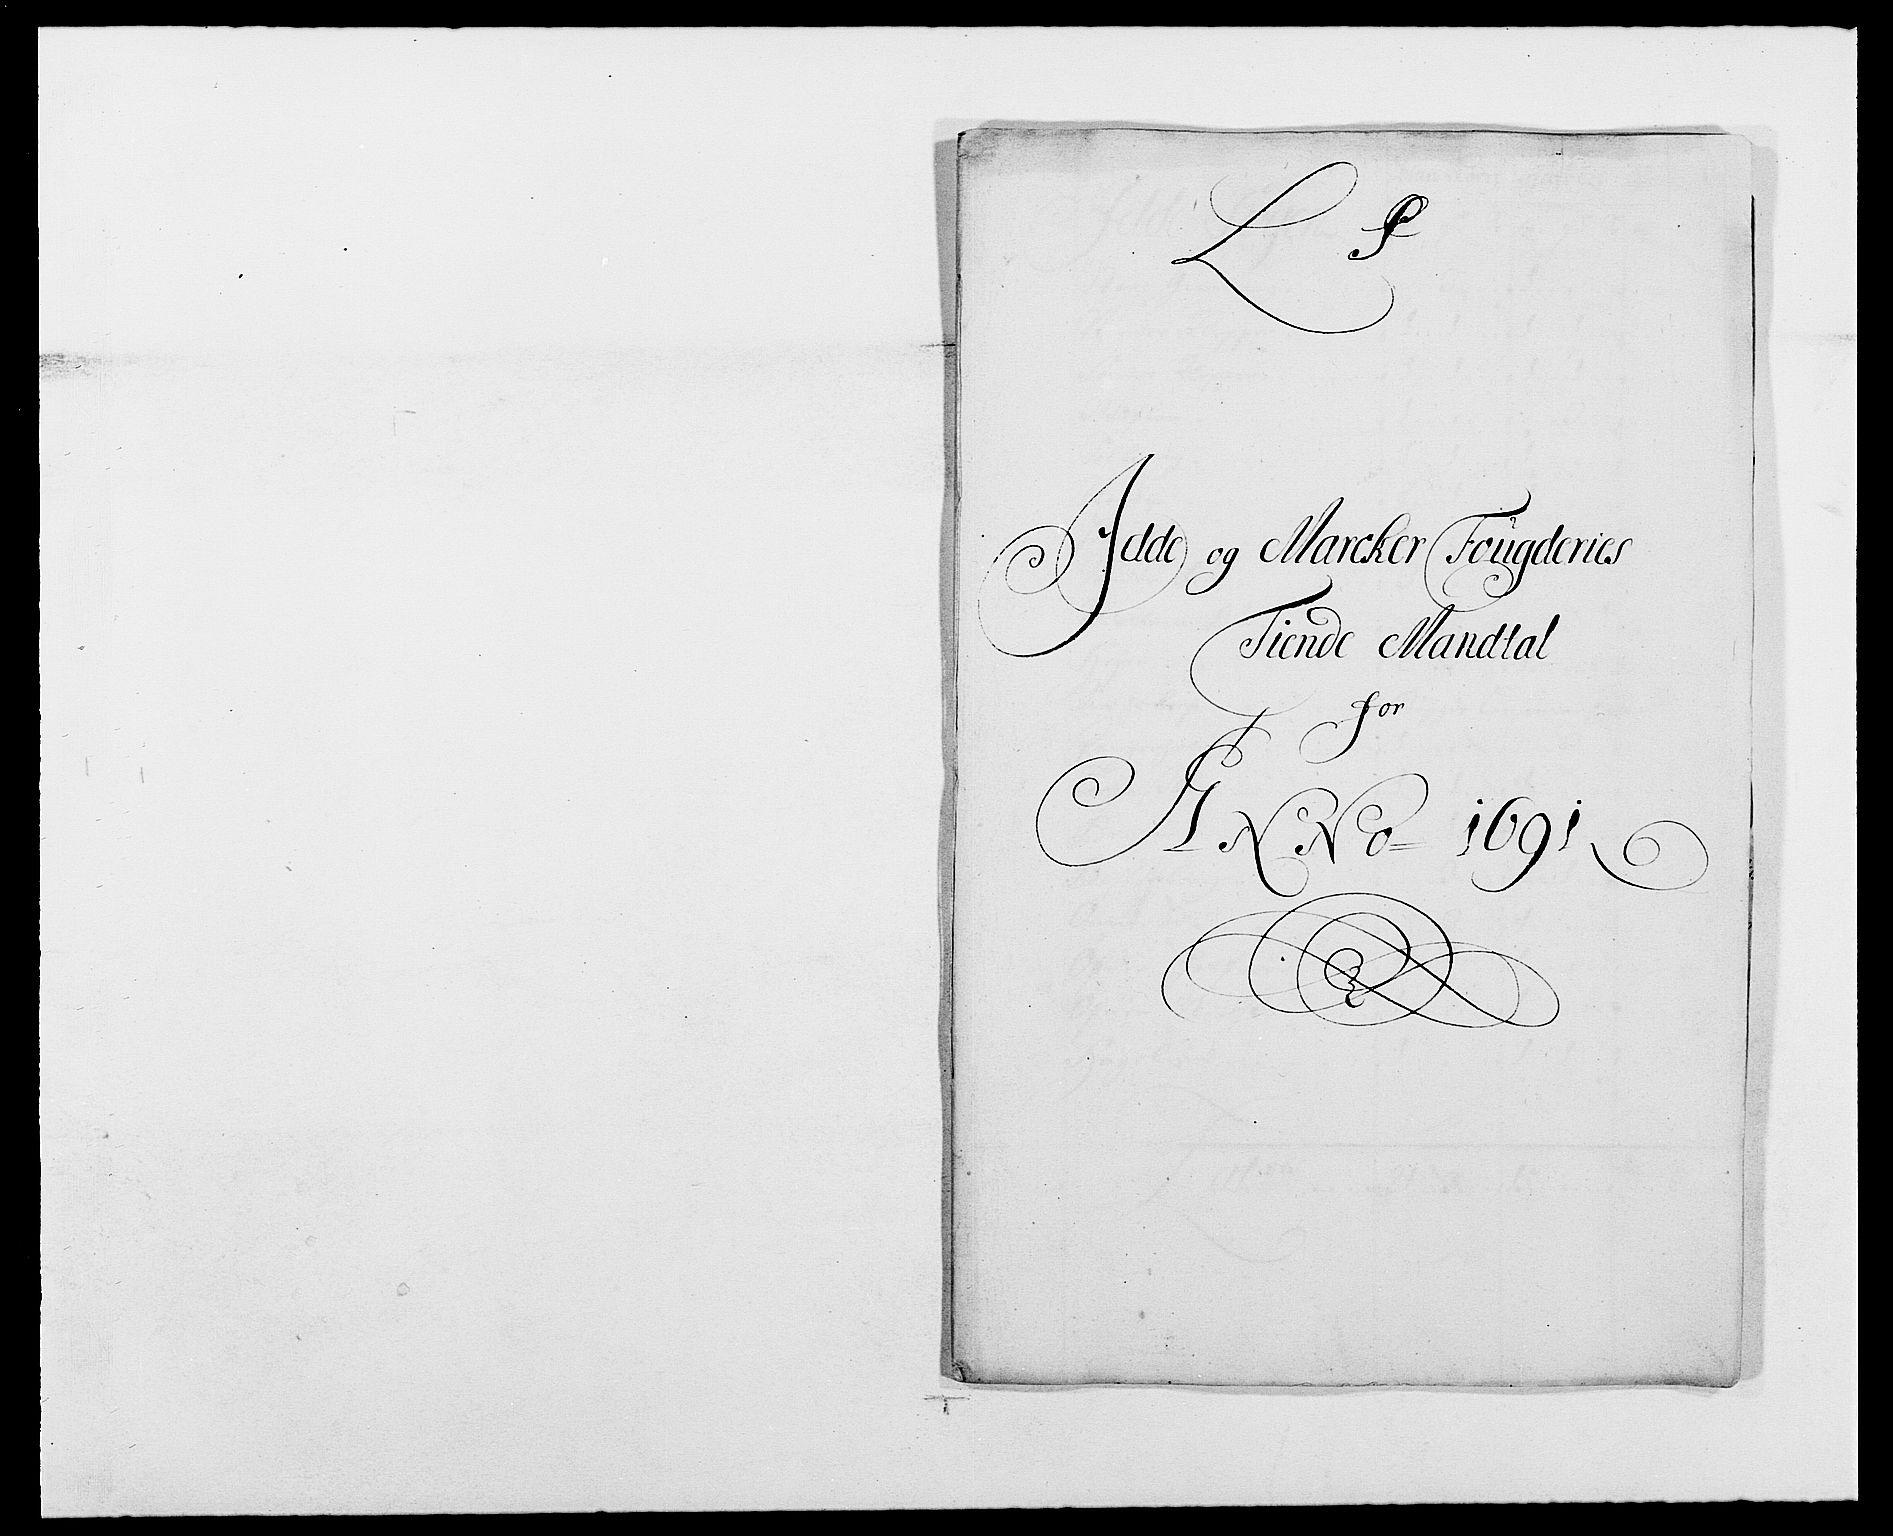 RA, Rentekammeret inntil 1814, Reviderte regnskaper, Fogderegnskap, R01/L0010: Fogderegnskap Idd og Marker, 1690-1691, s. 316